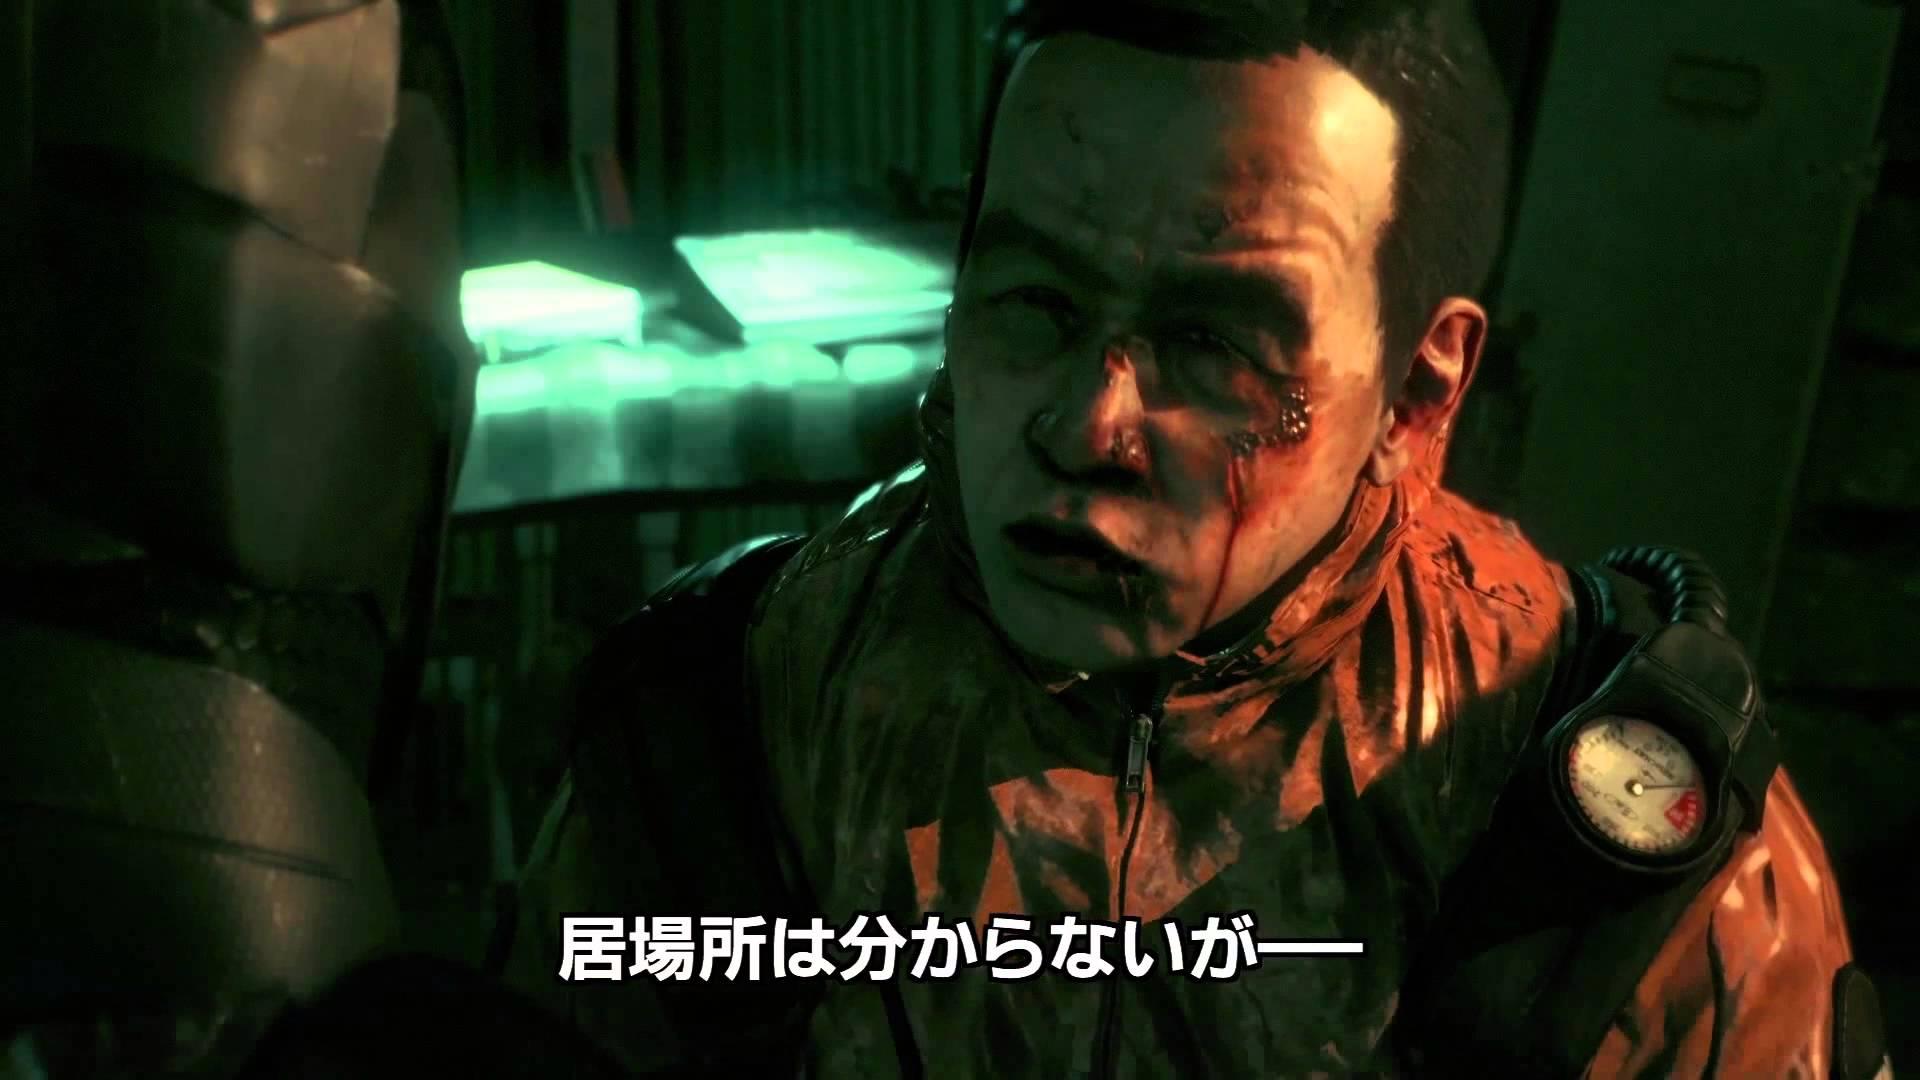 『バットマン:アーカム・ナイト』日本語字幕入りトレーラー「エースカミカル侵入 Part 1」公開!